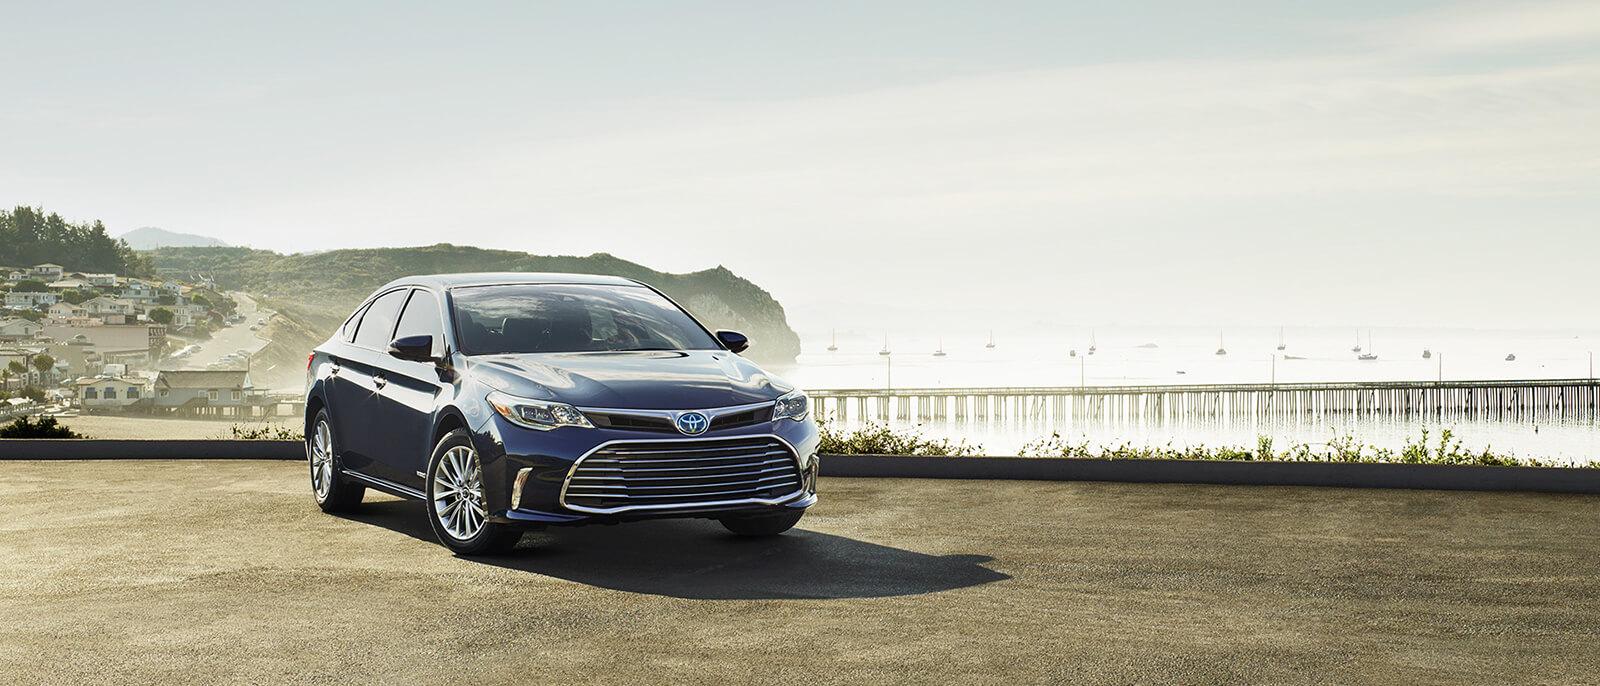 2017 Toyota Avalon Parked